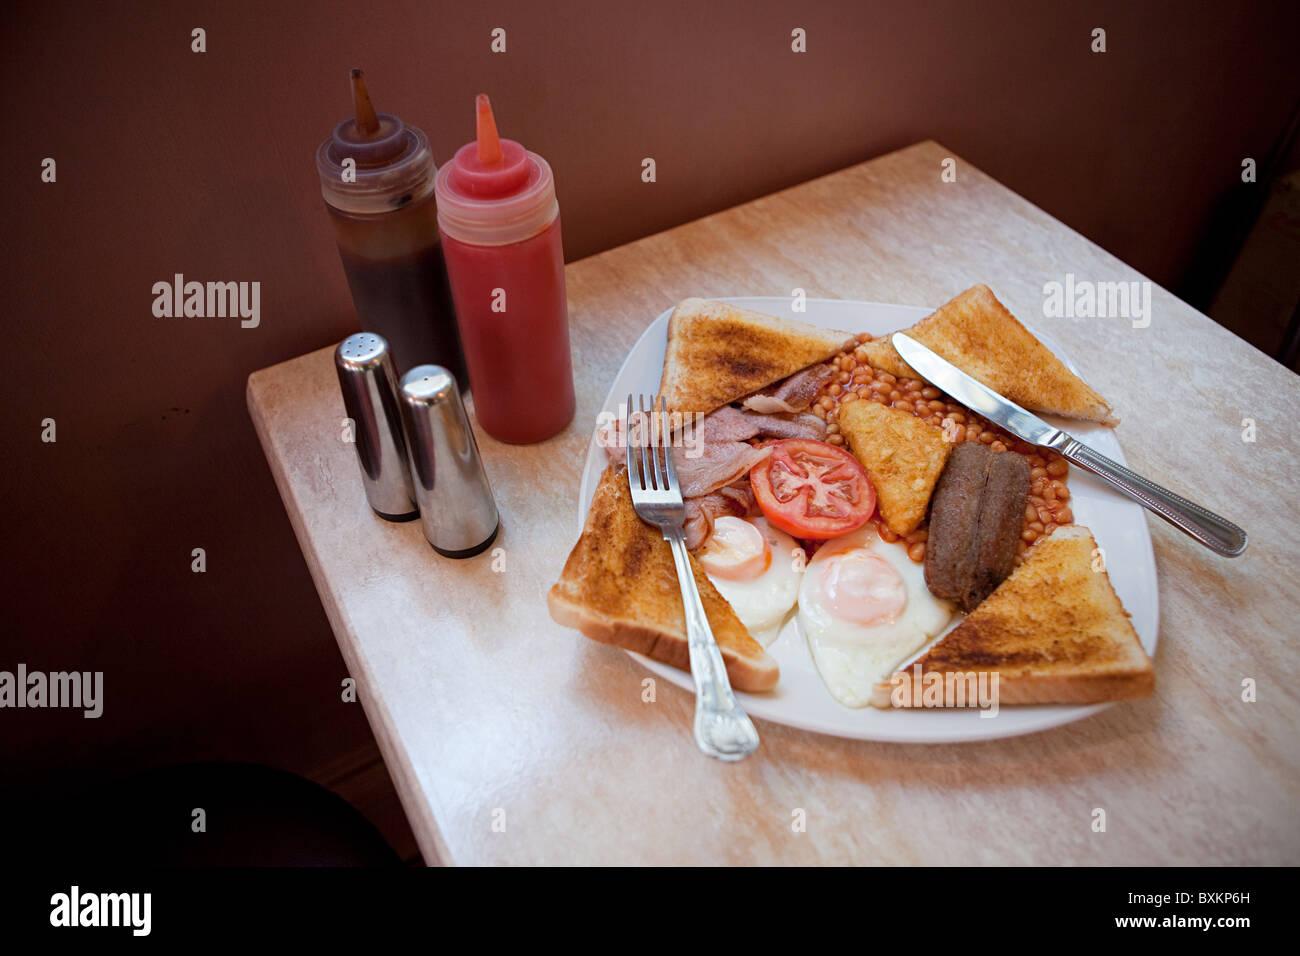 Englisches Frühstück in einem Café-Tisch Stockbild